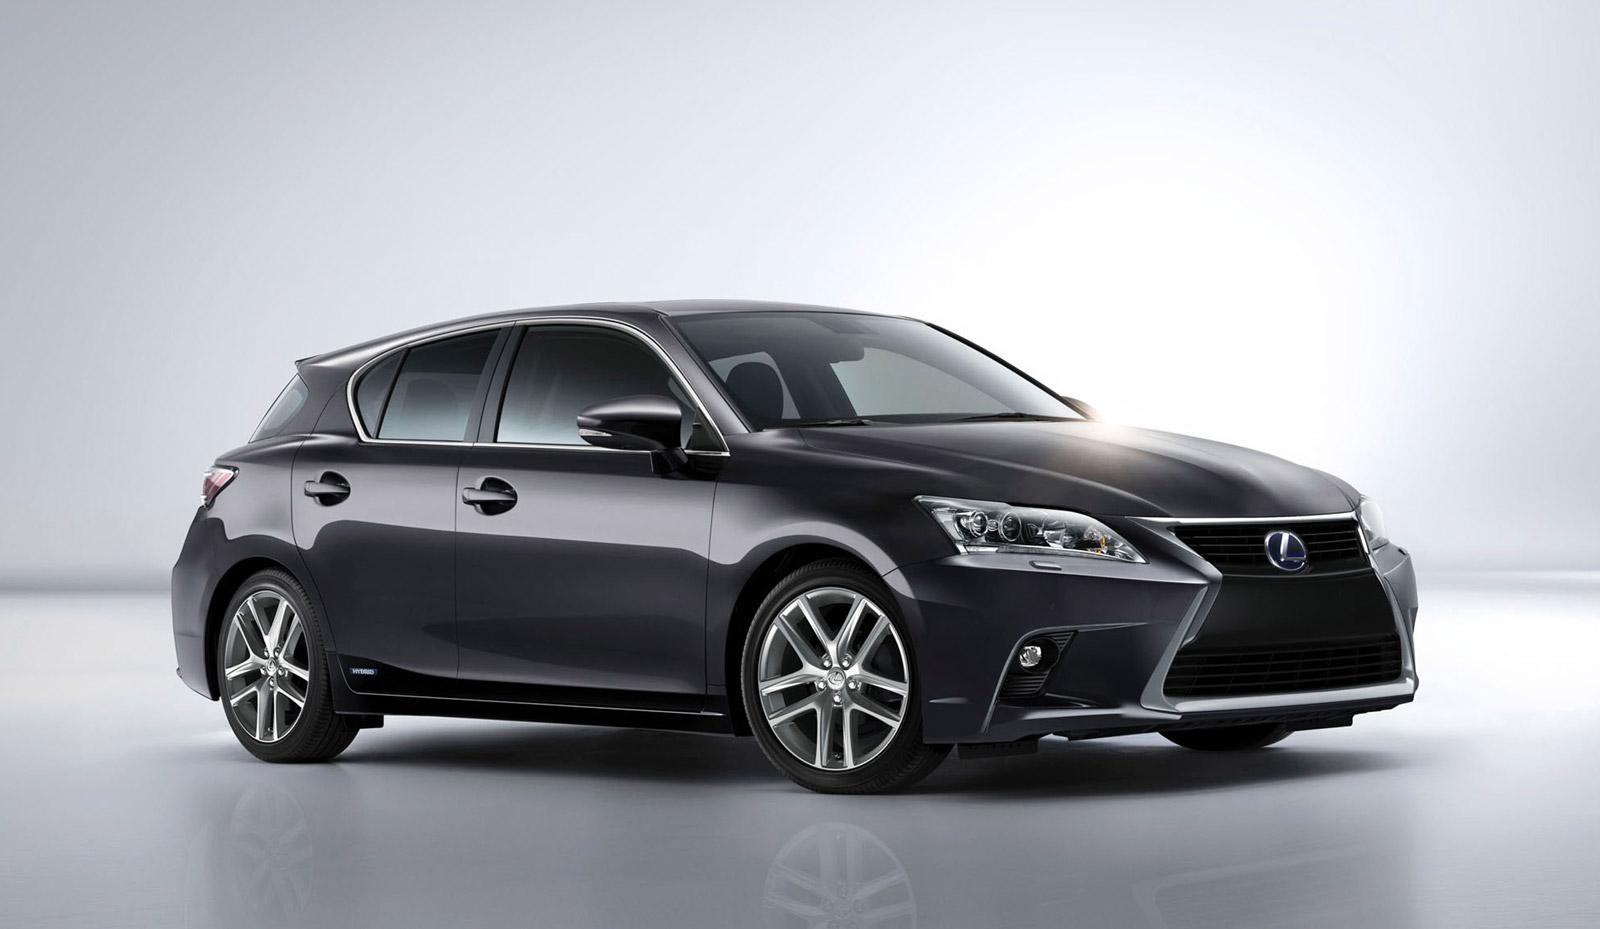 Prix Lexus CT200h : compacte hybride, photos mondial 2010, coffre